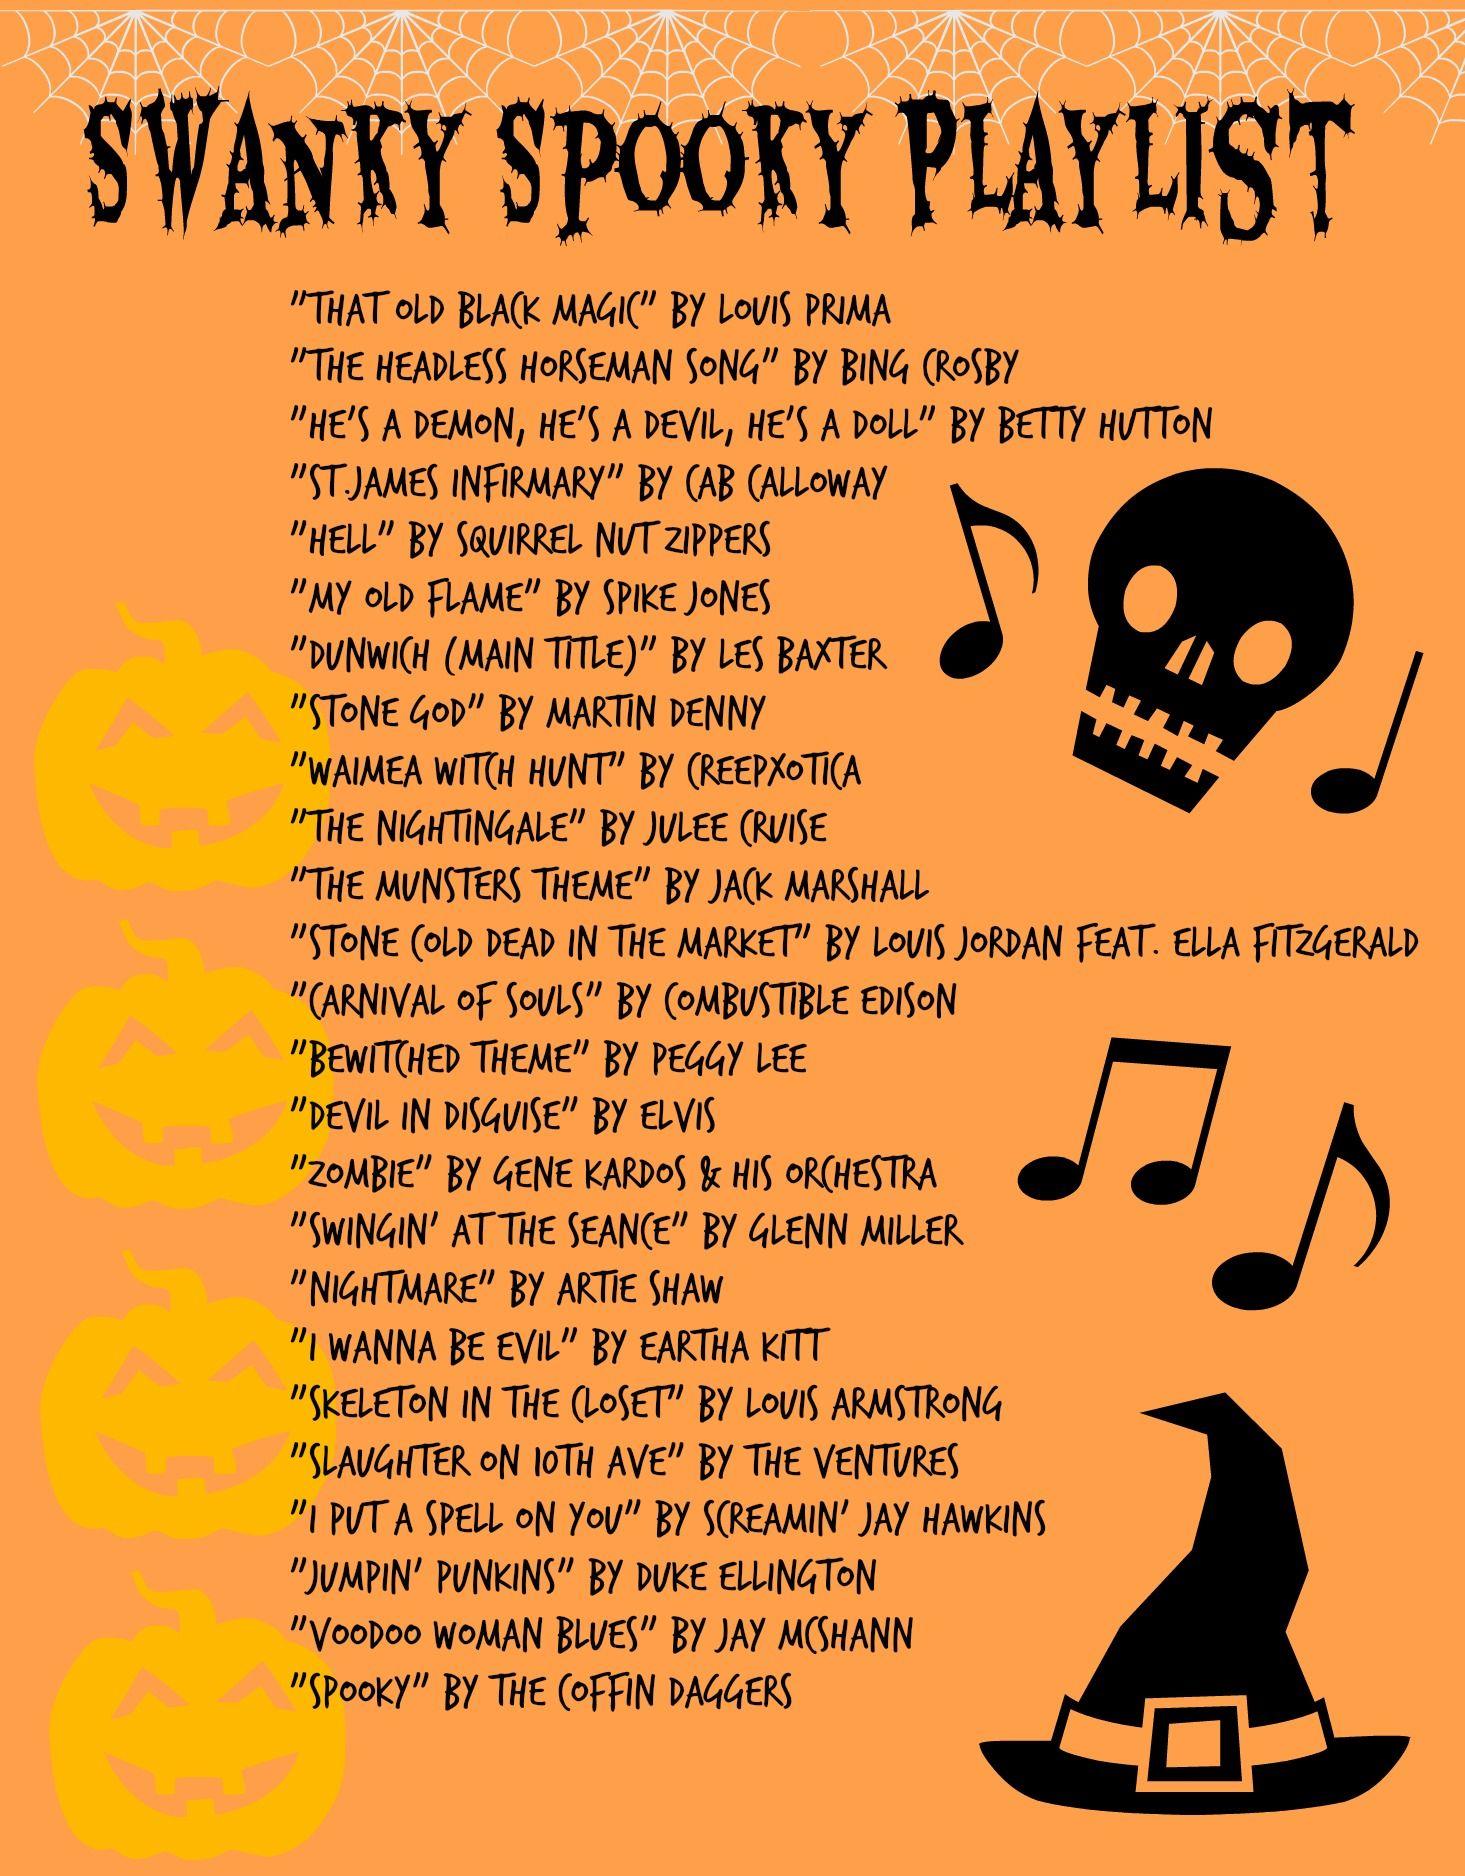 Halloween Songs.Swanky Spooky Playlist 40s 50s Rockabilly Music Halloween